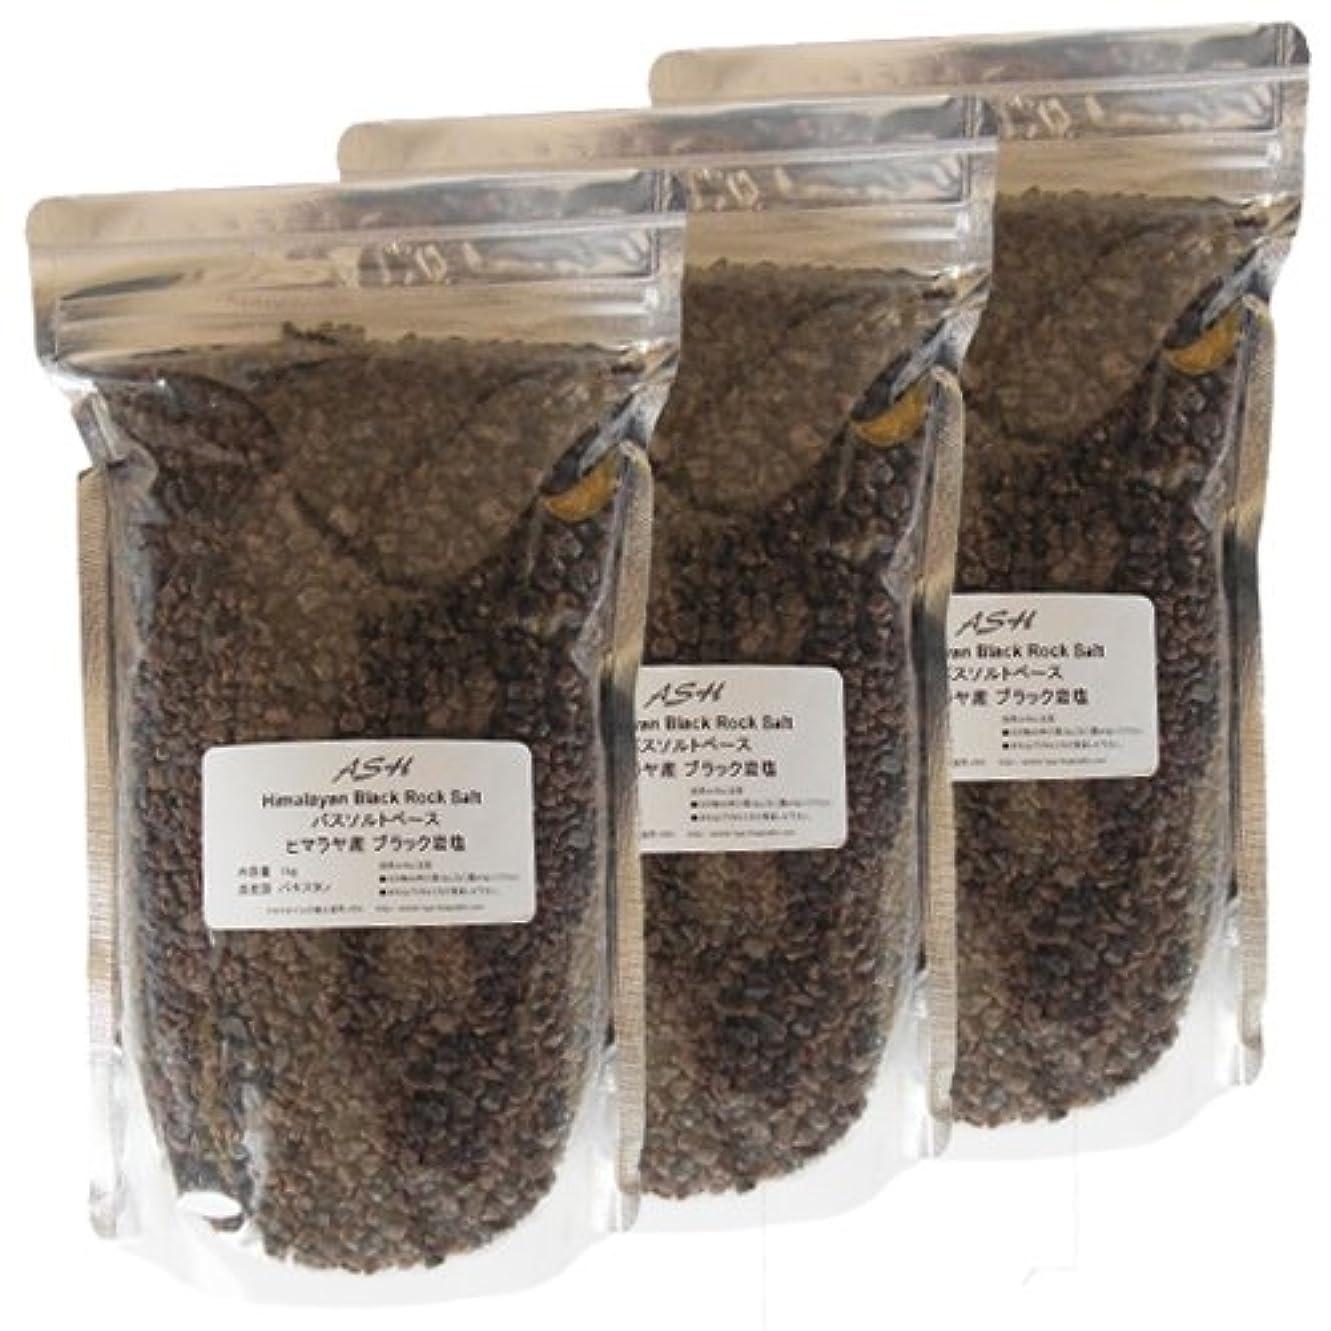 課すコーヒースクランブルブラック岩塩 ヒマラヤ岩塩 粗粒(粒状 3mm-8mm)バスソルトベース 3kg